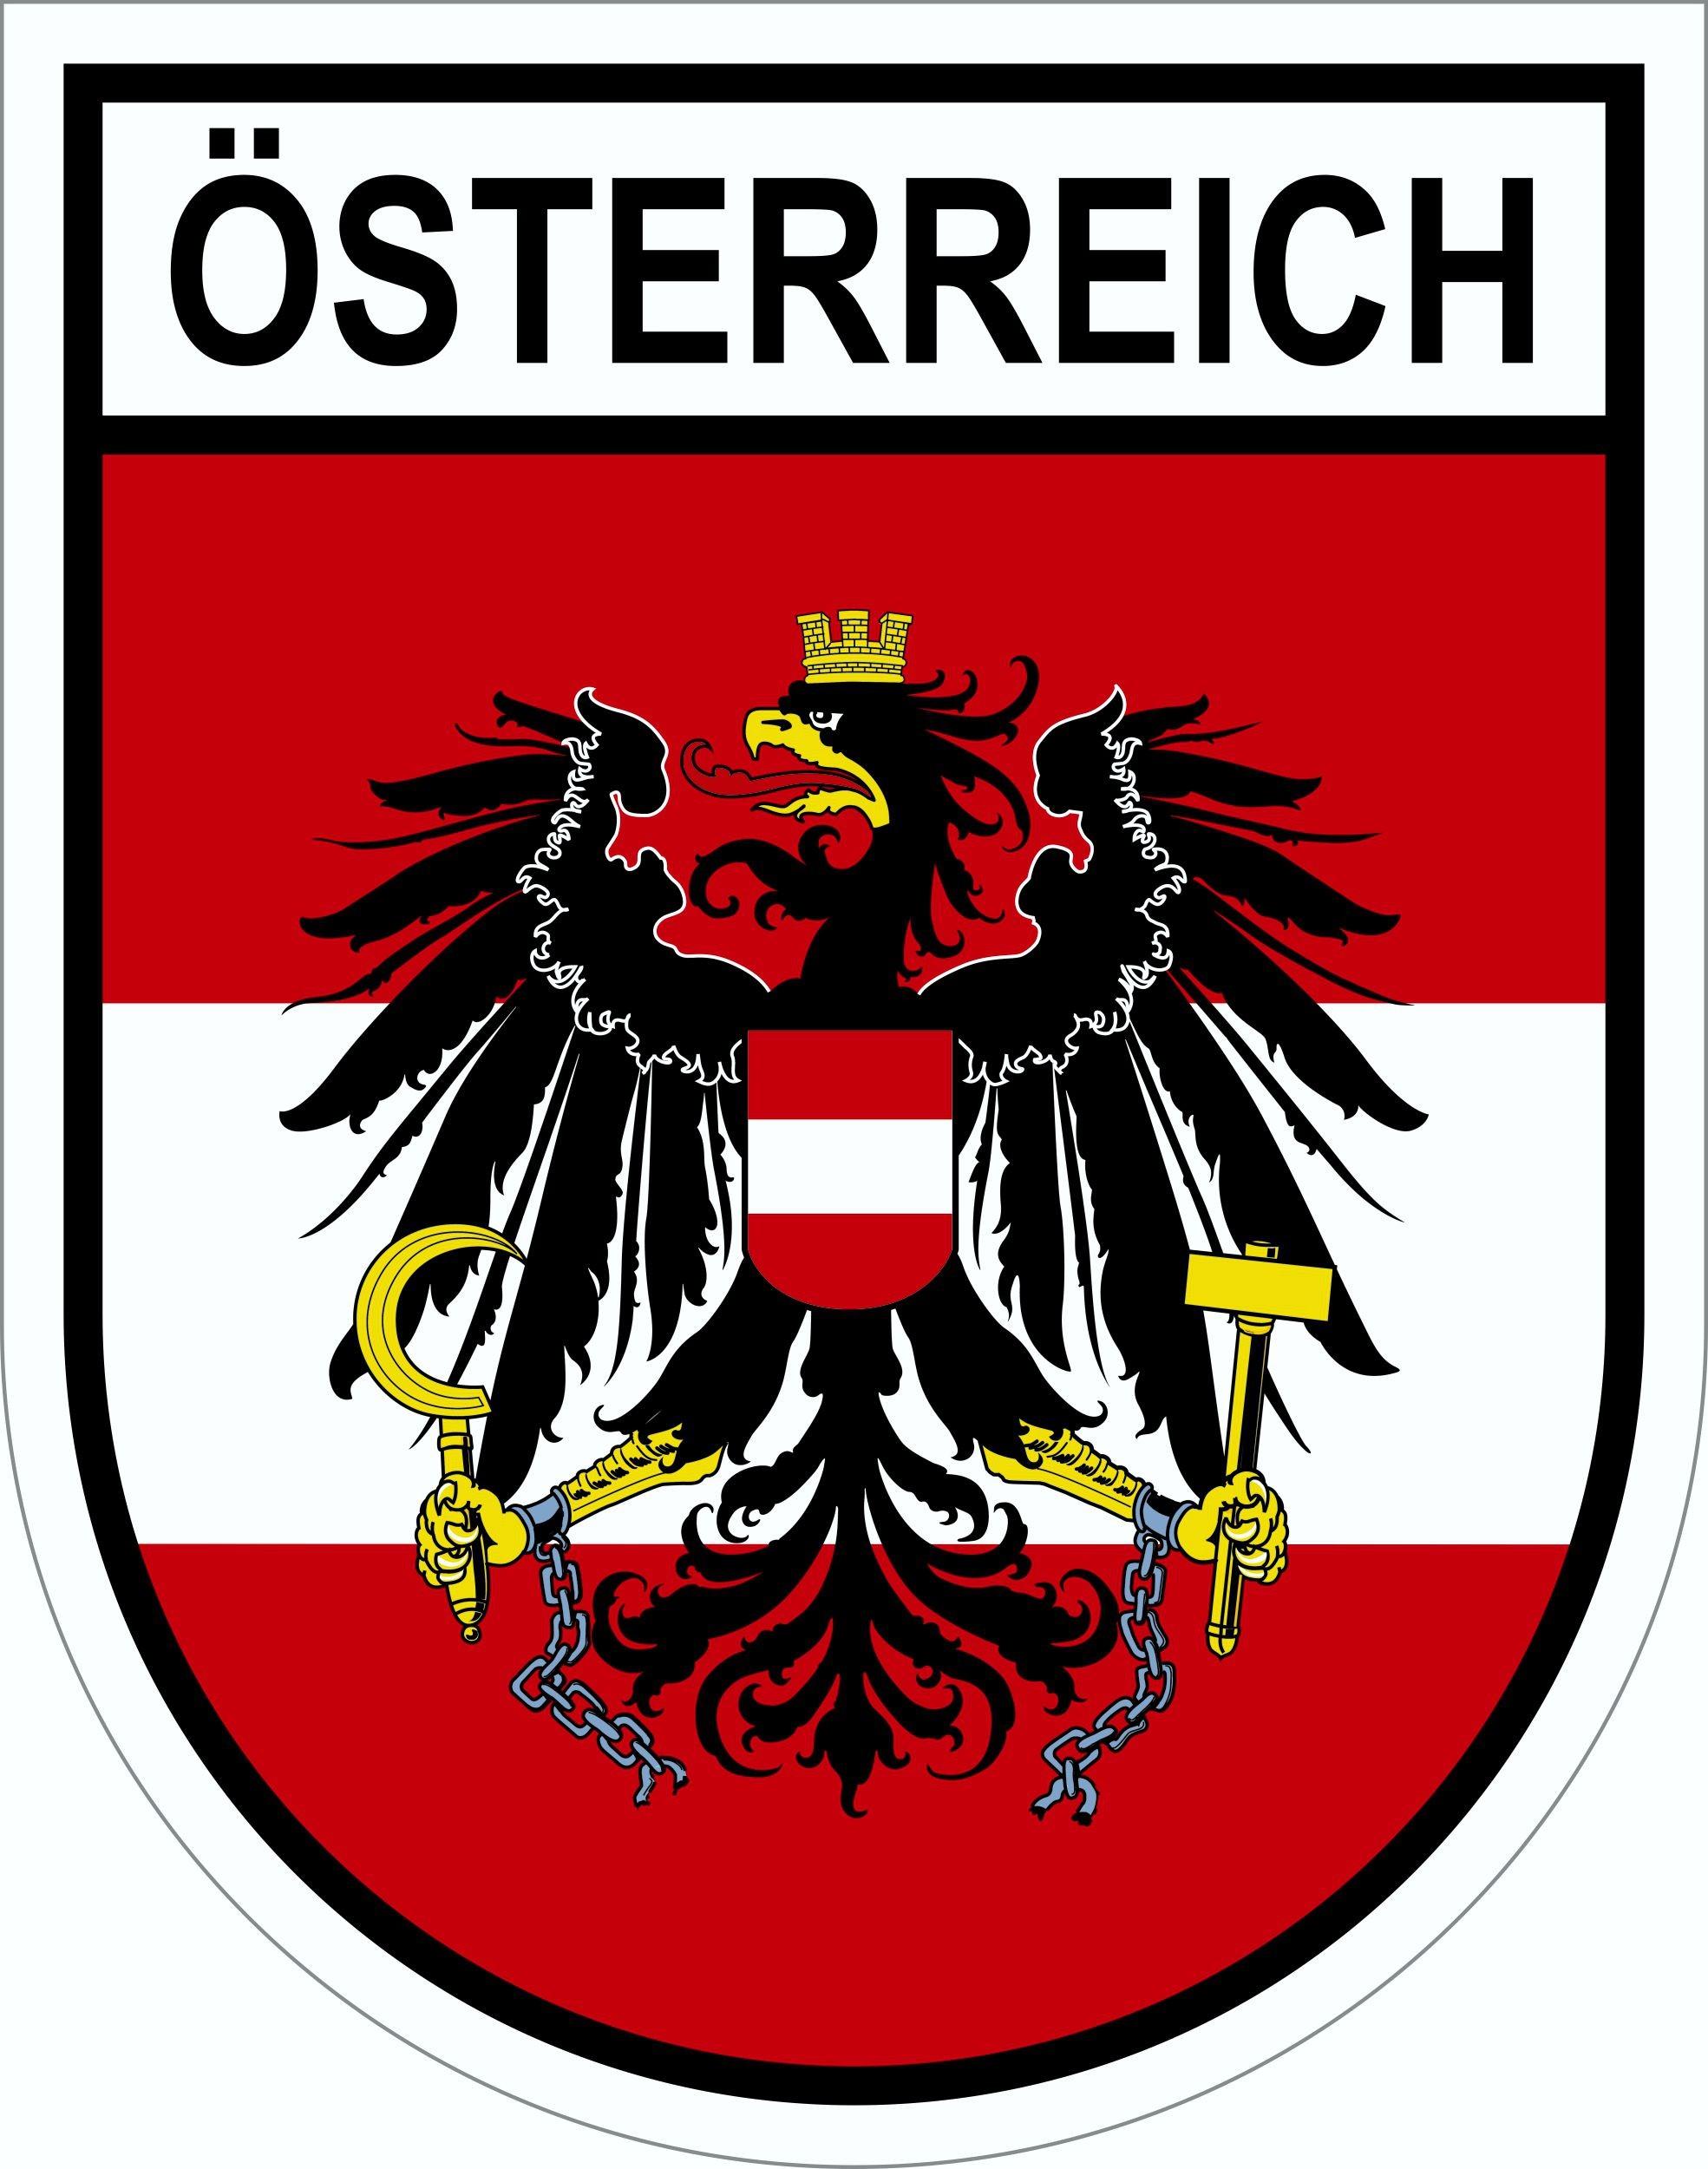 Aufkleber Wappen Österreich 80 x 65 mm